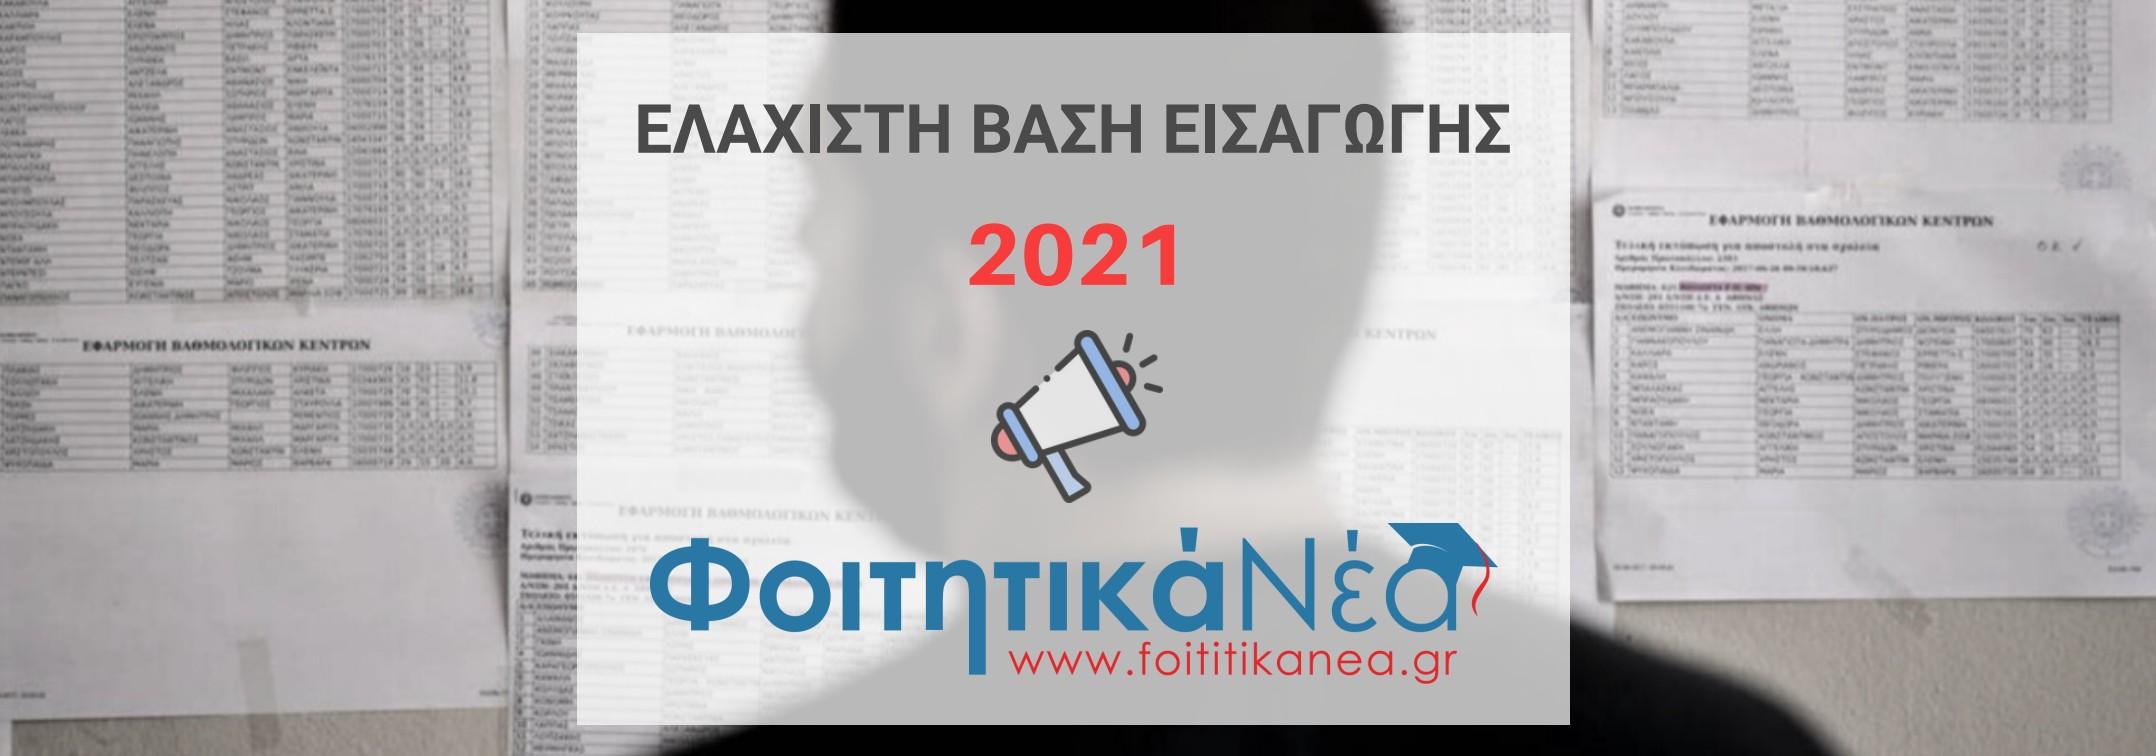 ΕΒΕ 2021